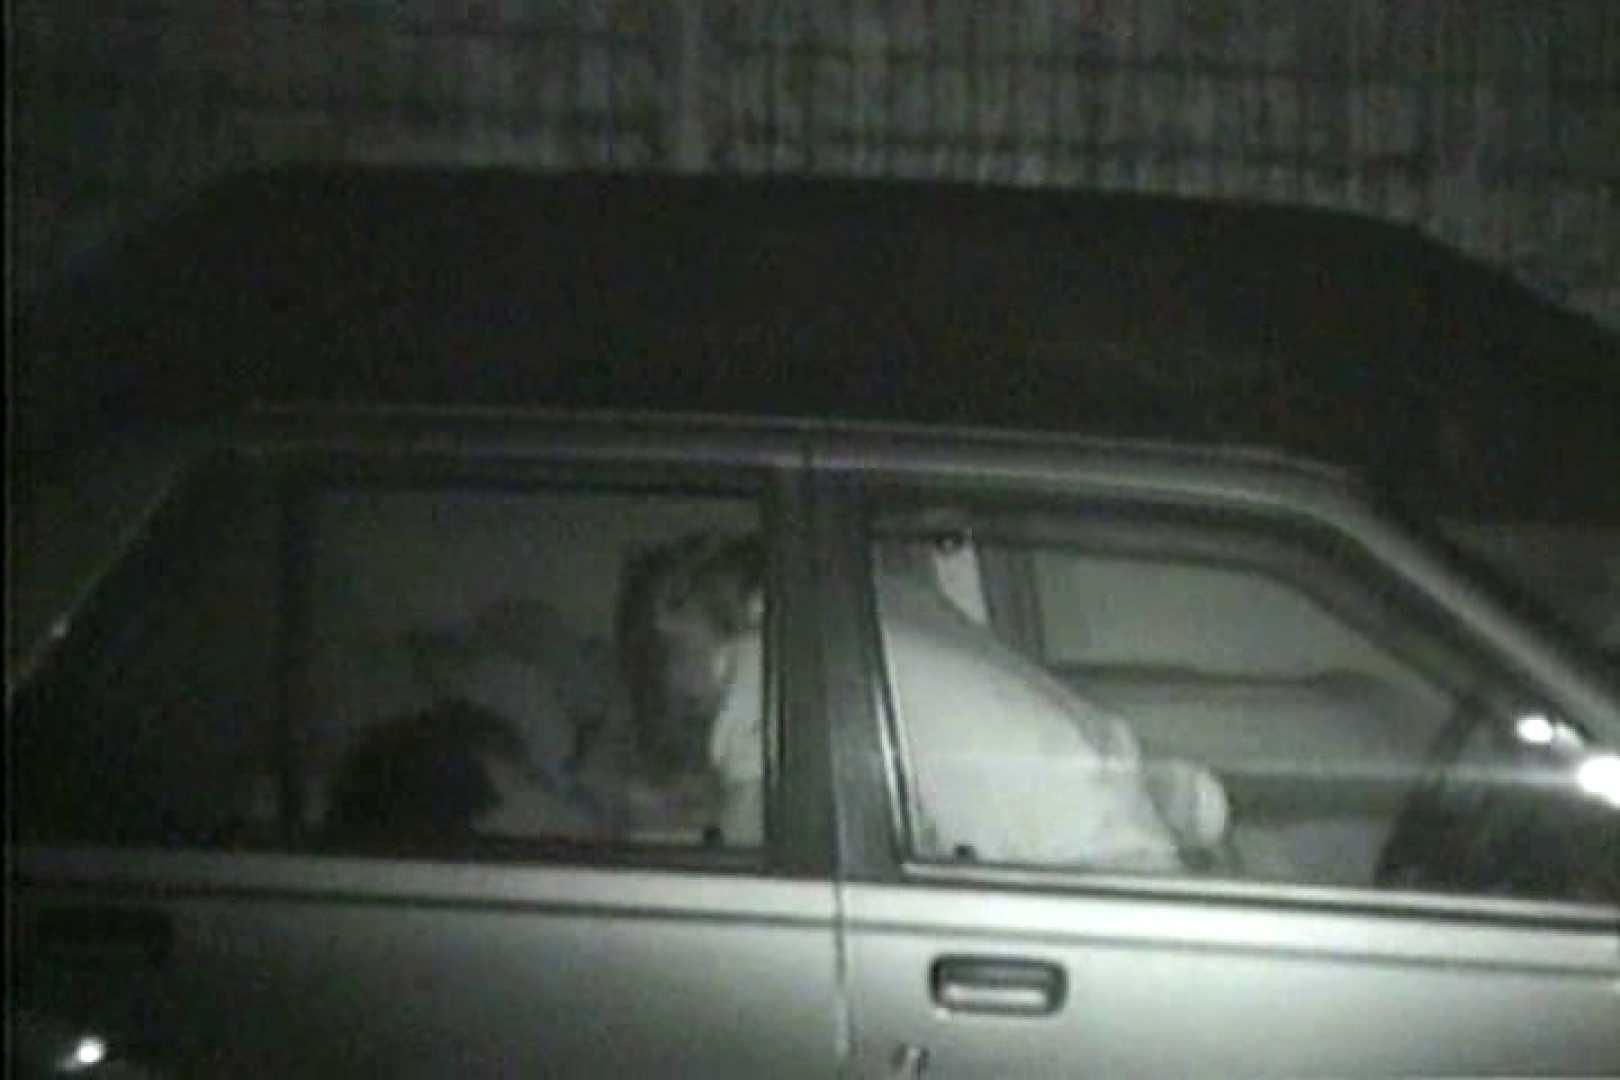 車の中はラブホテル 無修正版  Vol.10 美女OL ヌード画像 22連発 2